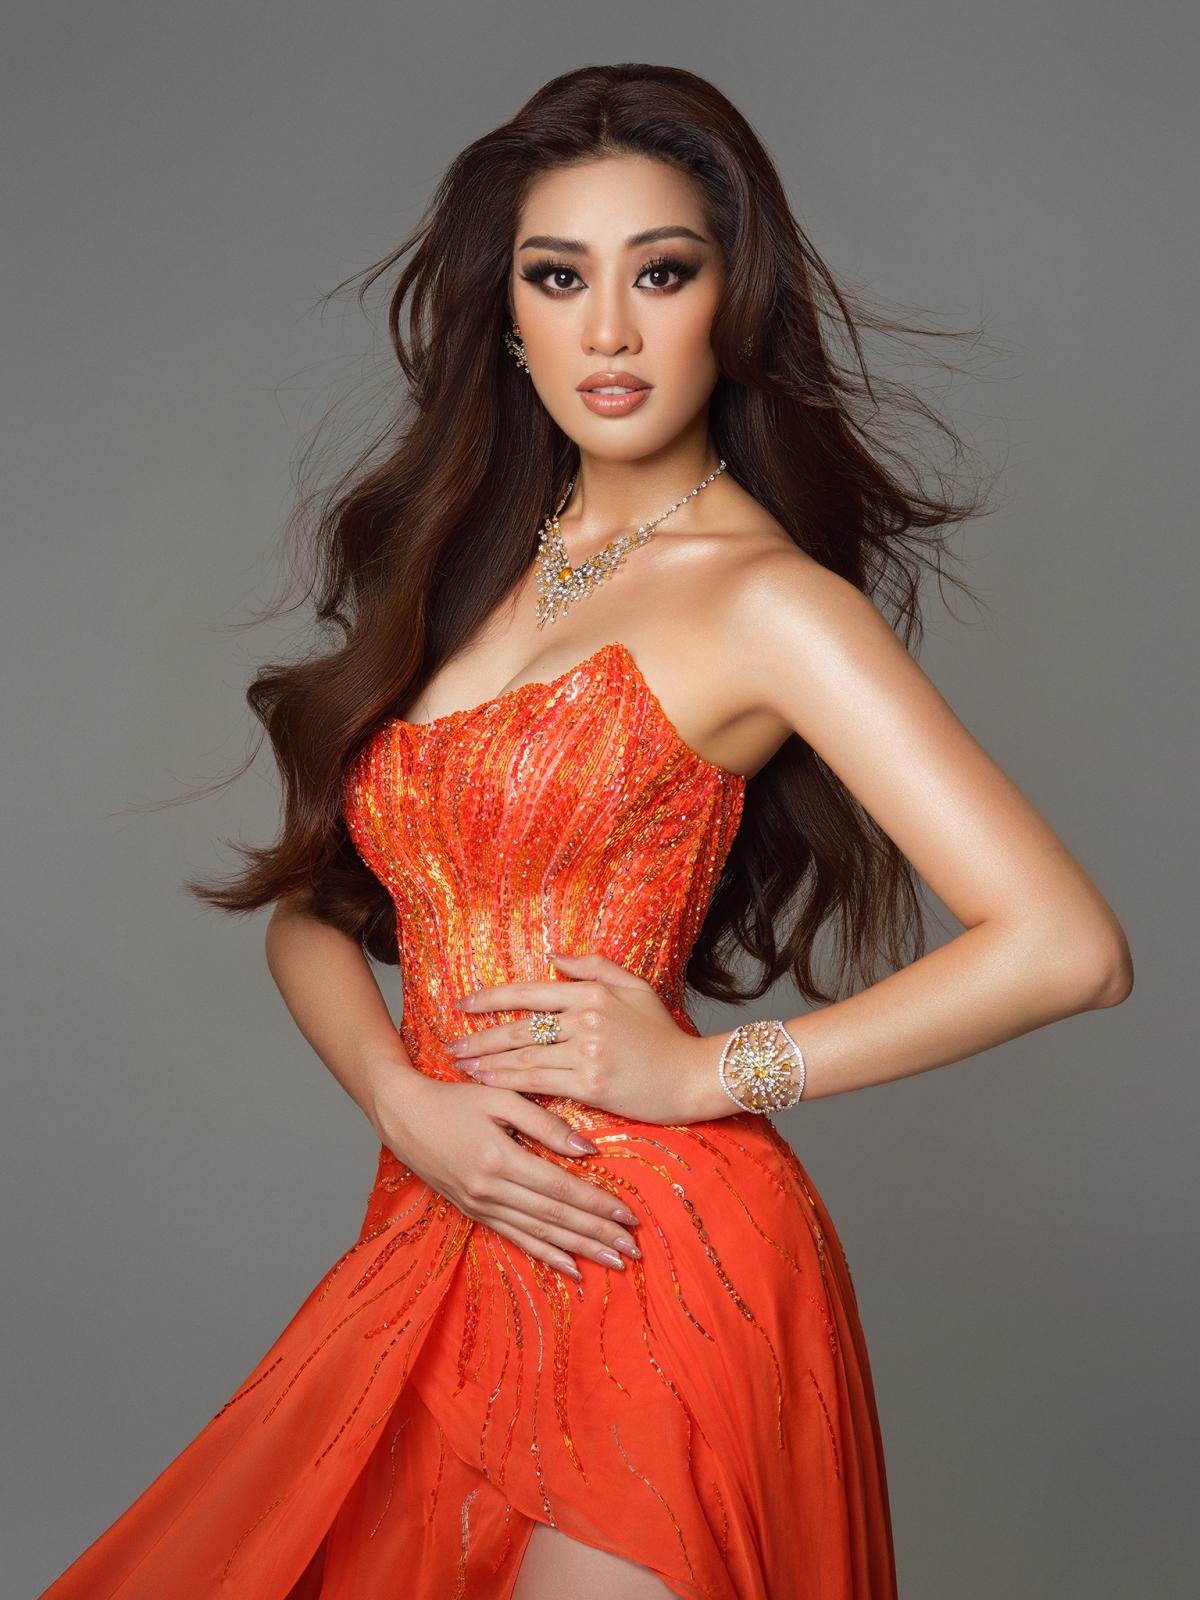 Đến với Miss Universe, Khánh Vân và ekip muốn truyền tải năng lượng ấy vào chiếc đầm dạ hội trình diễn trong đêm bán kết: Mang vẻ đẹp của mặt trời rạng rỡ và bầu trời tươi sáng, đem theo hy vọng, bình minh, ánh nắng.